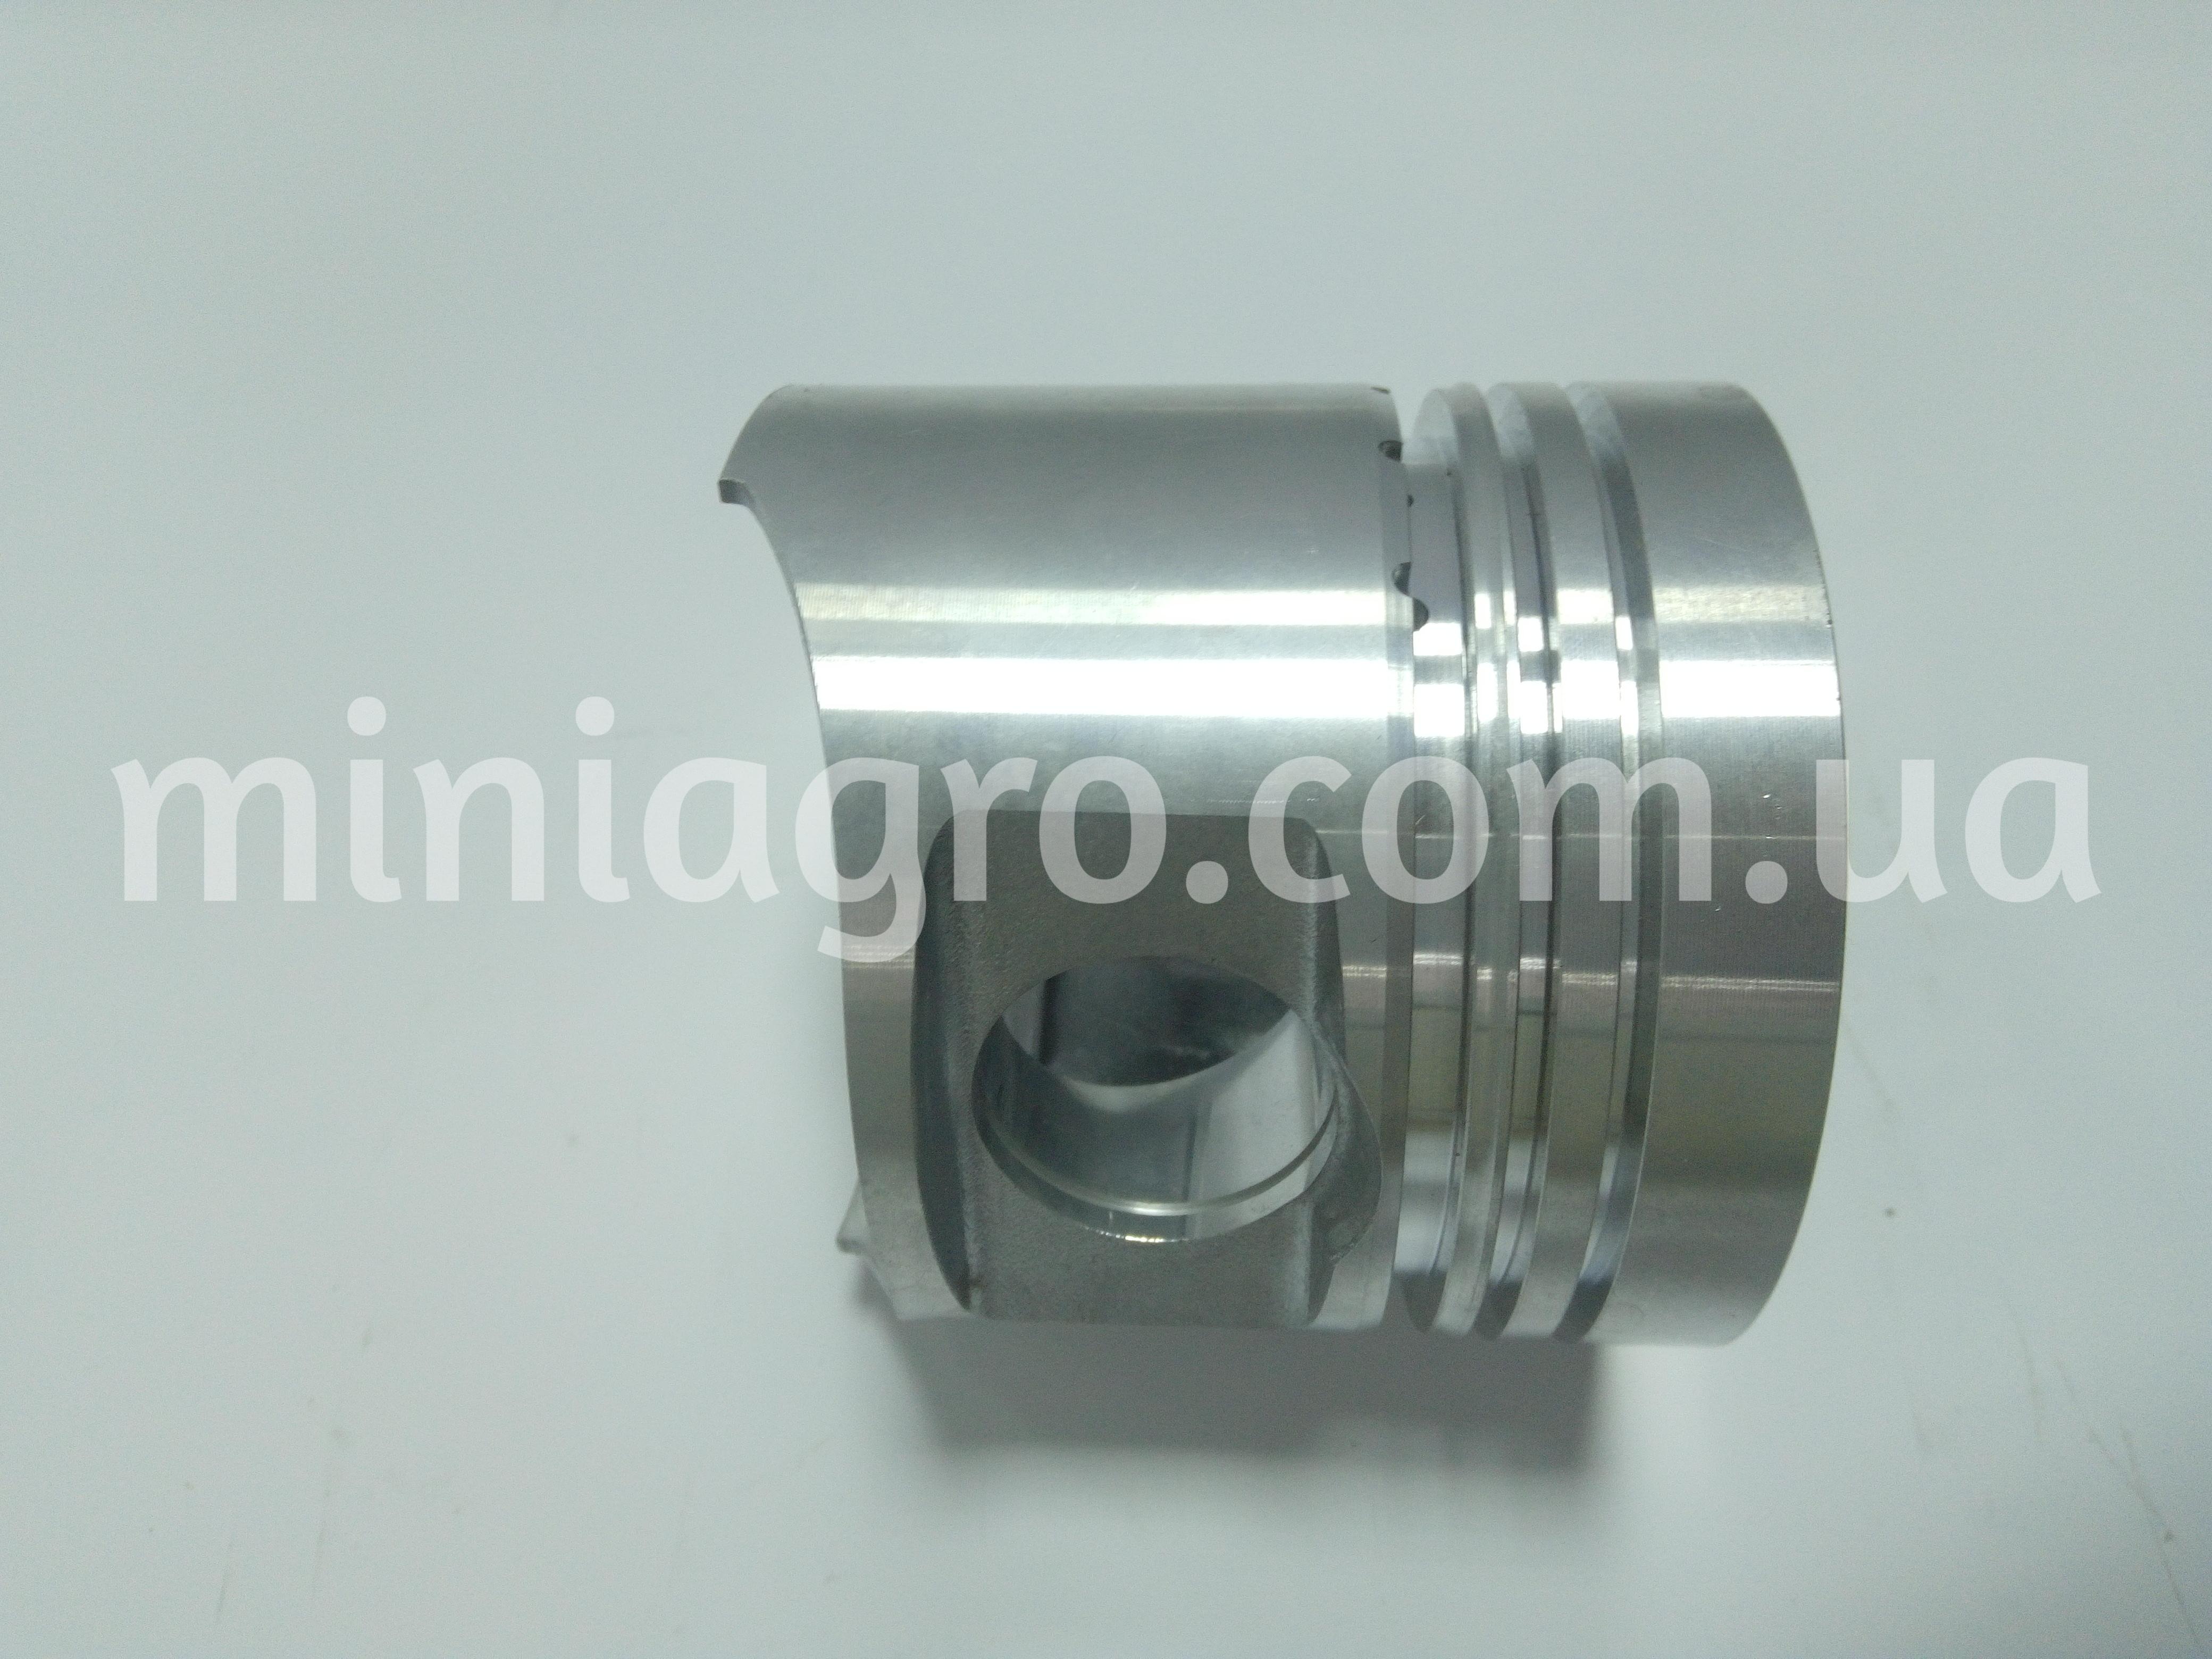 Поршень двигателя BY385T для мини-трактора JINMA 244-260